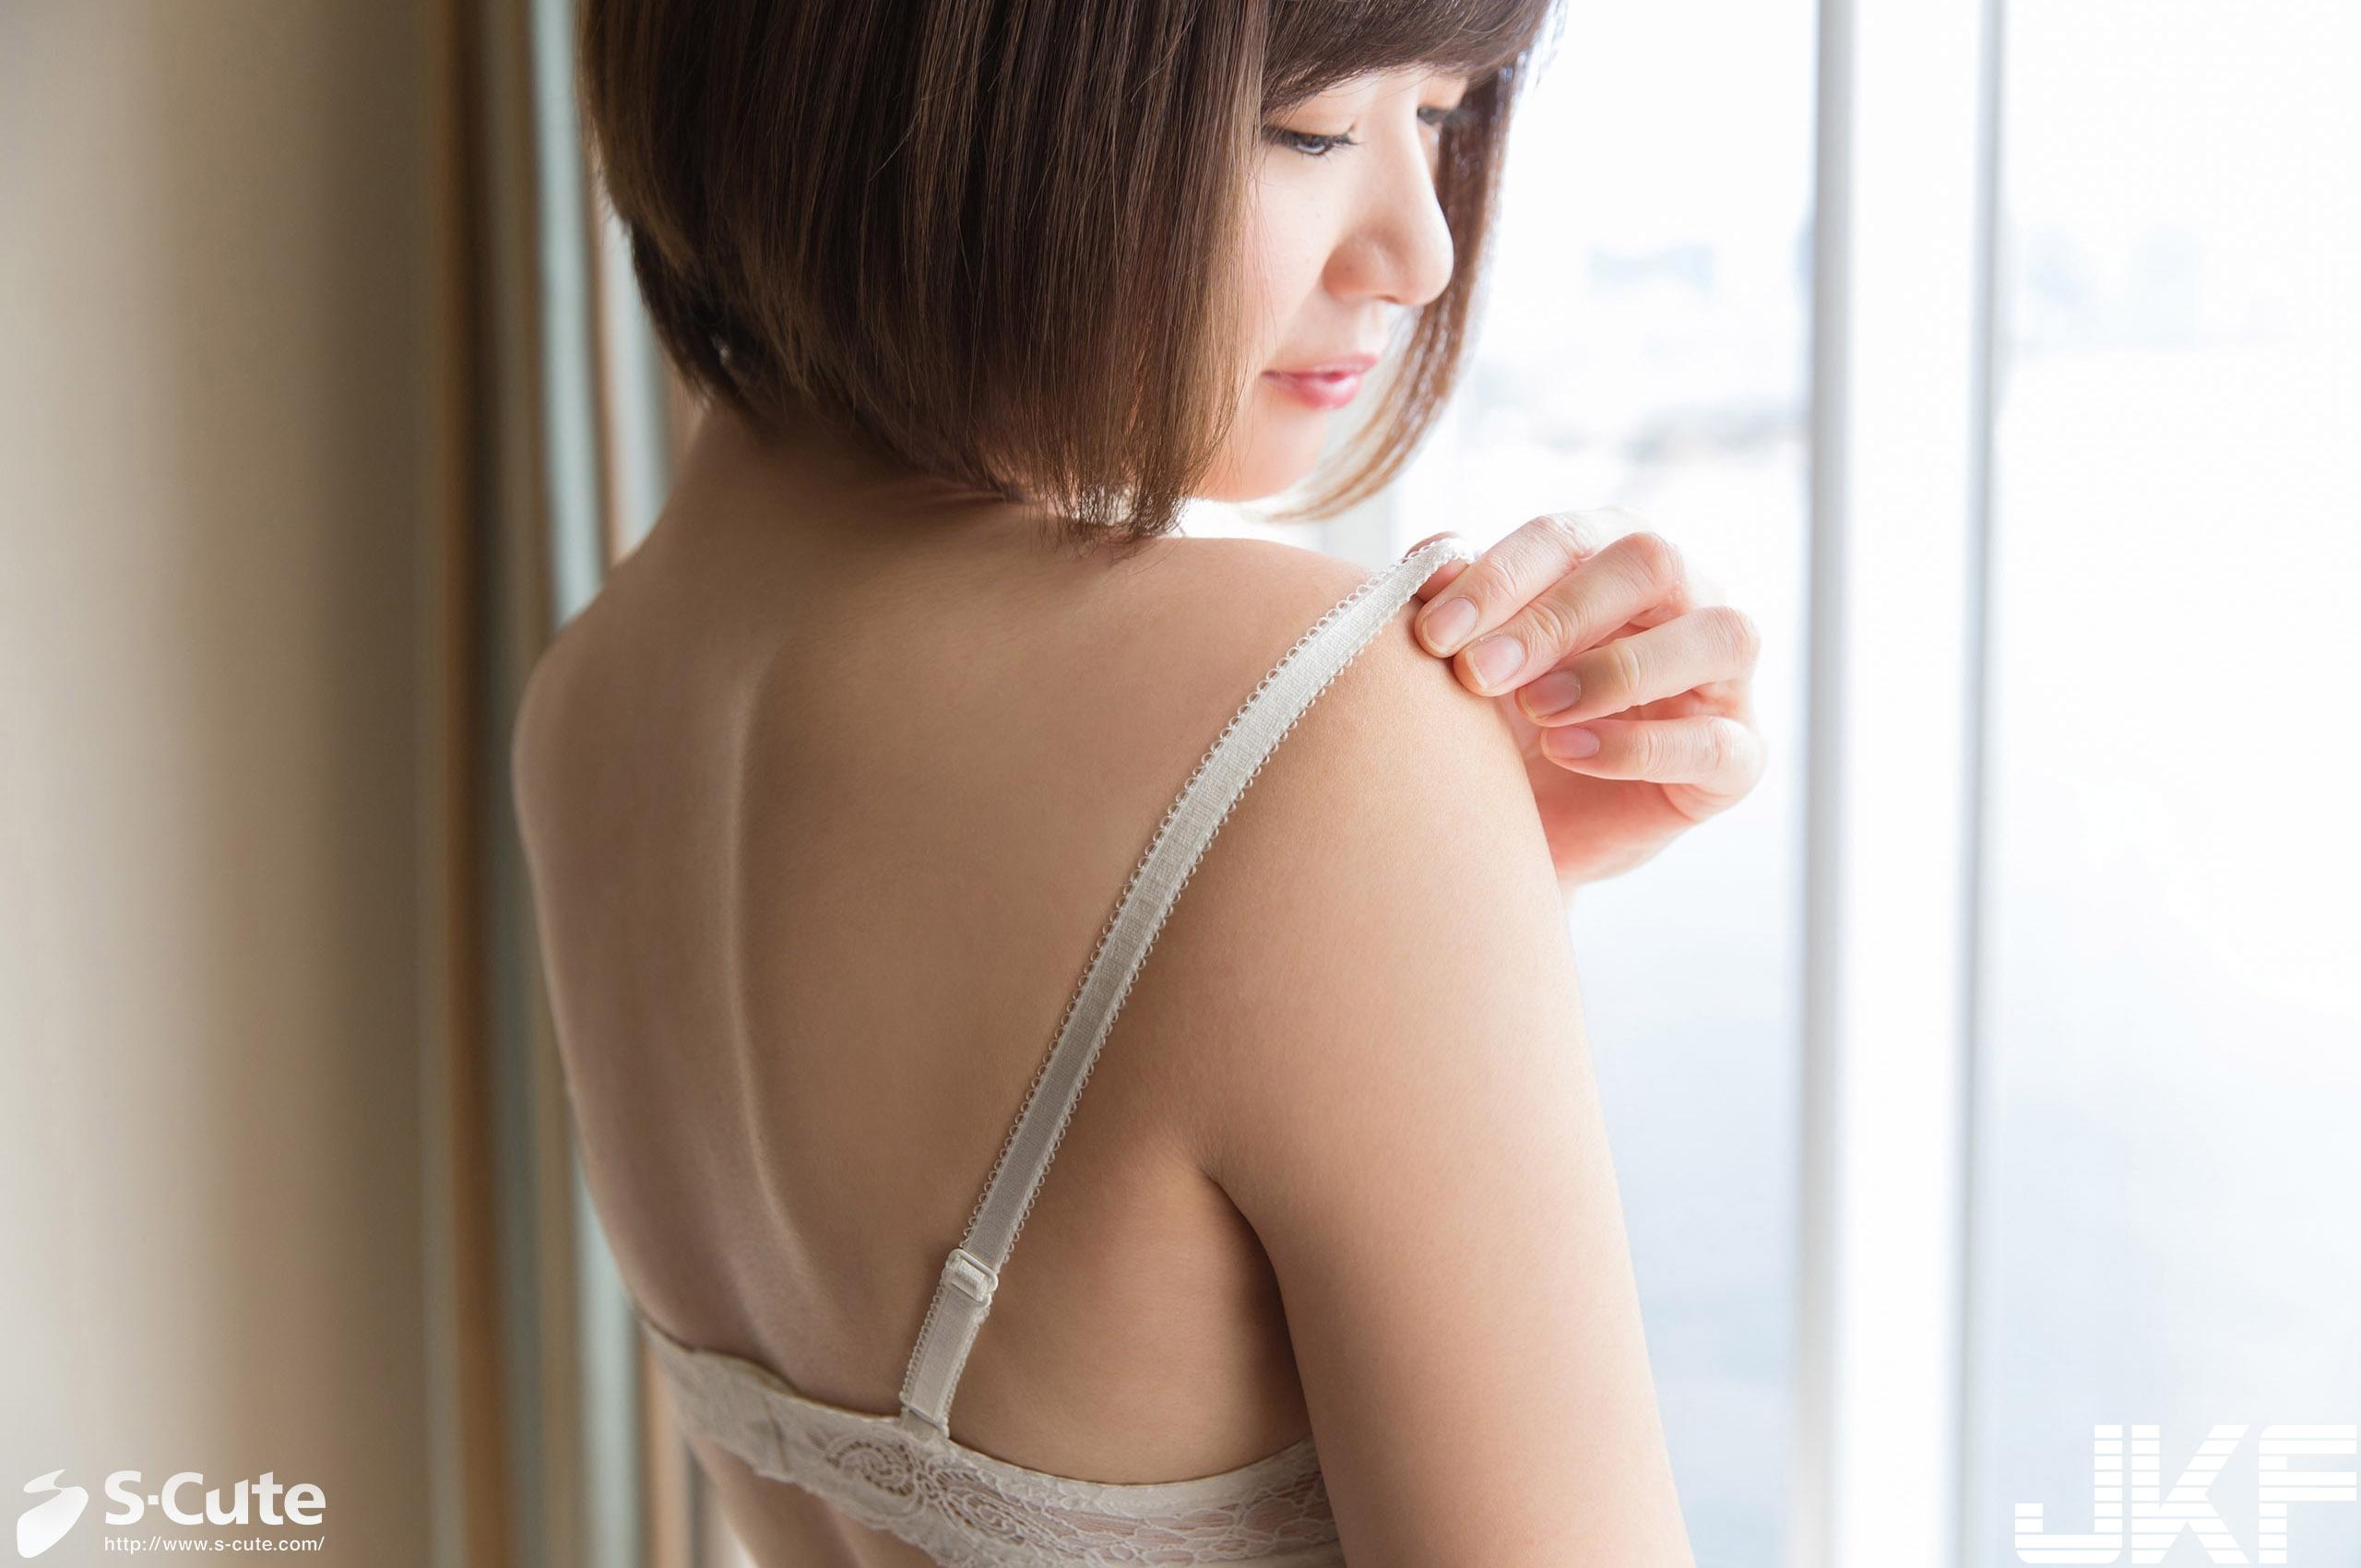 672_kaho_01-010.jpg